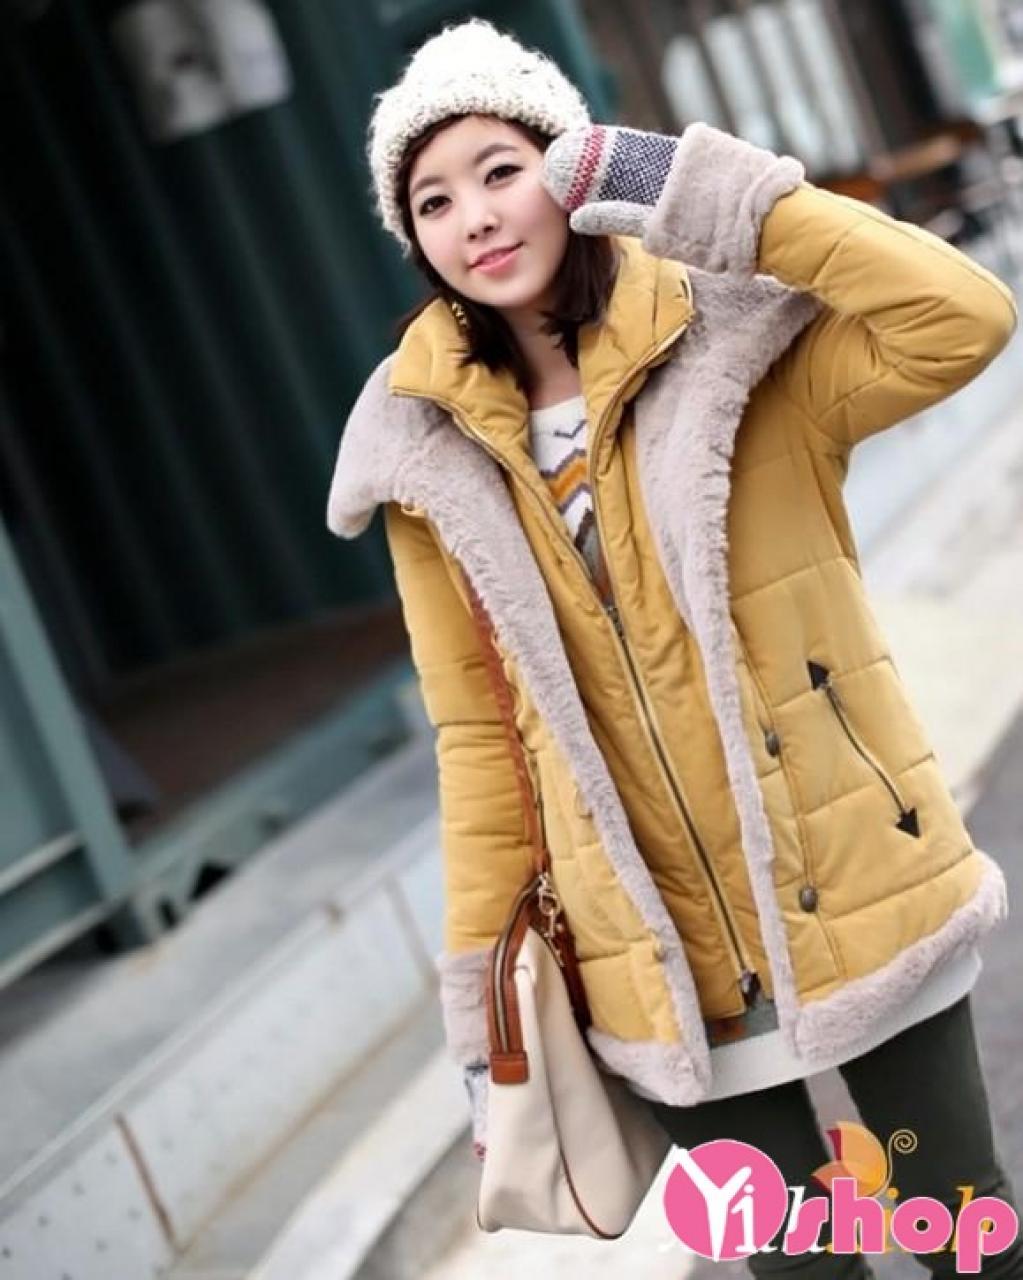 Áo khoác phao nữ dáng dài đẹp thu đông 2019 không lạnh ngày đại hàn